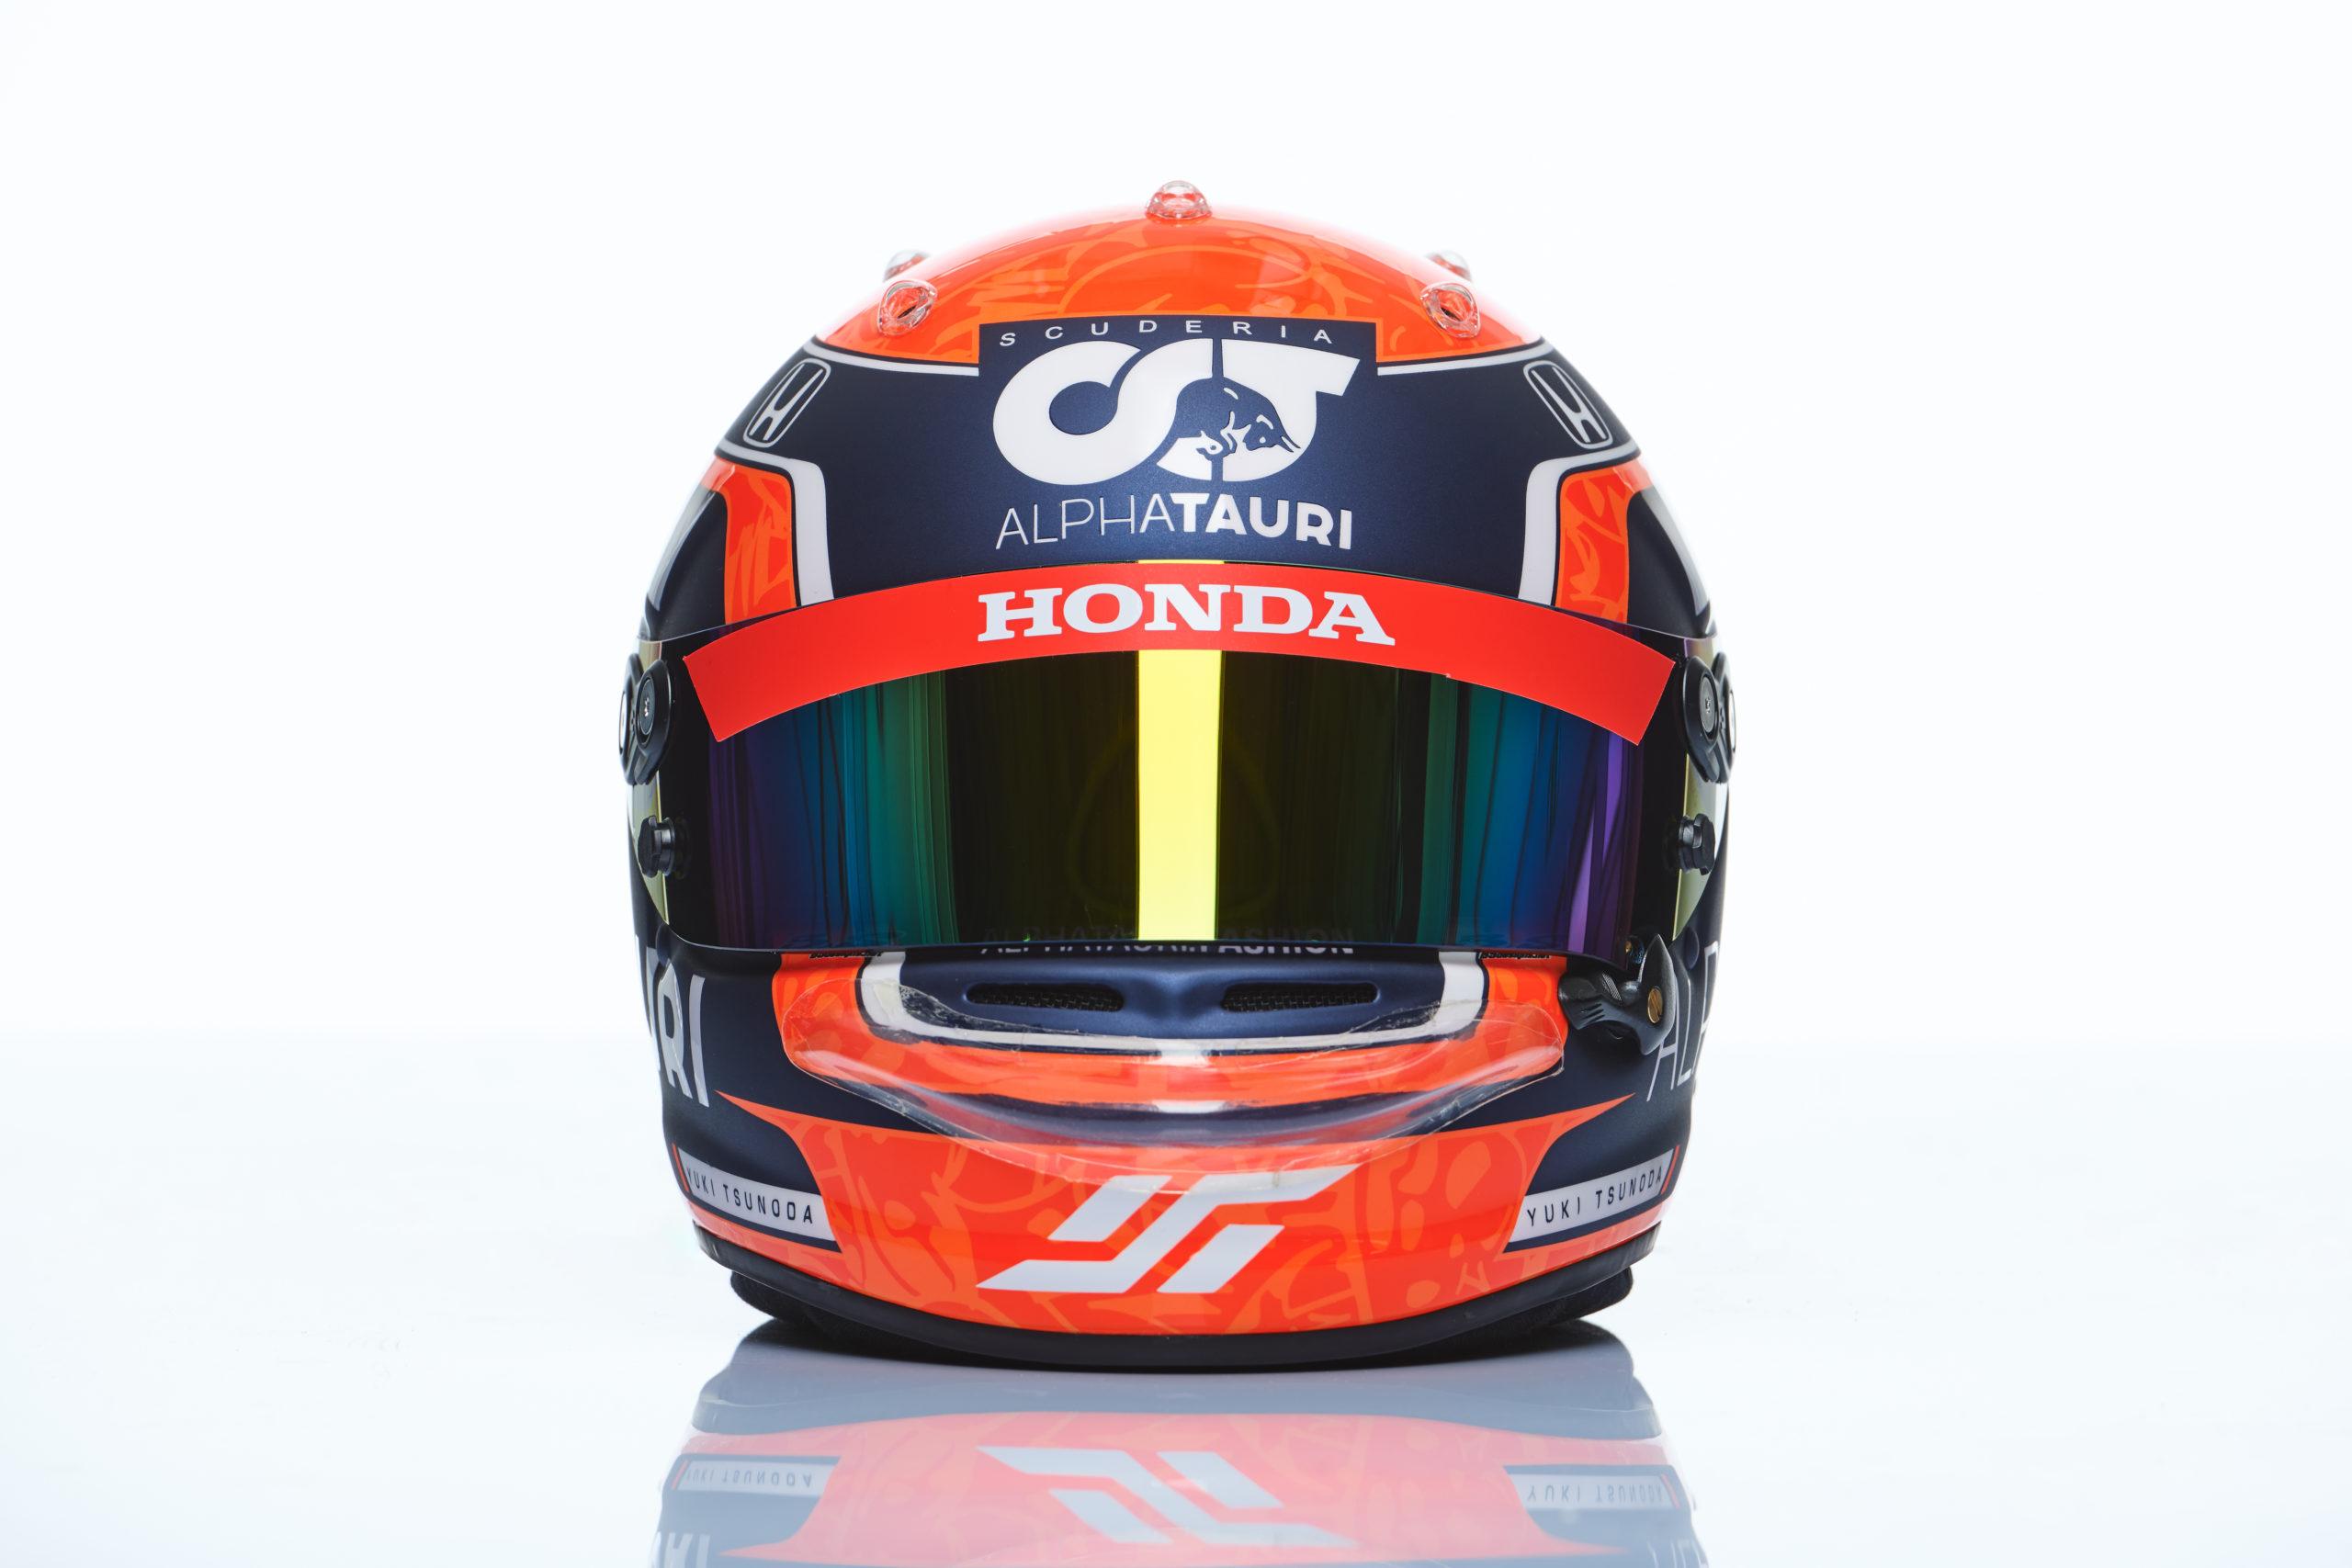 Formel 1 Helm 2021 Tsunoda